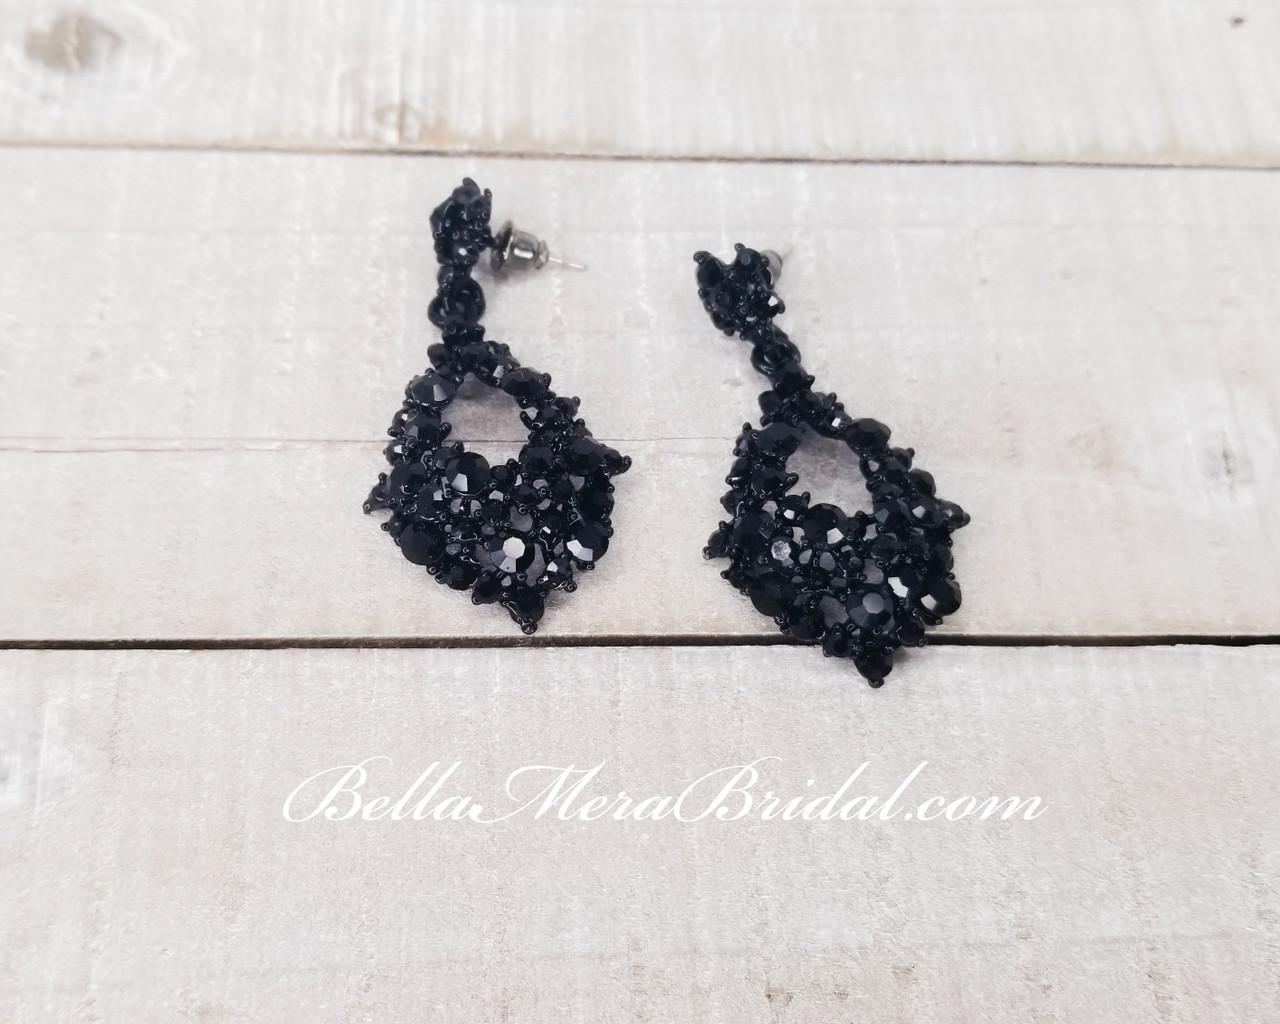 Bella Mera Studio  Rhinestone Chandelier Earrings